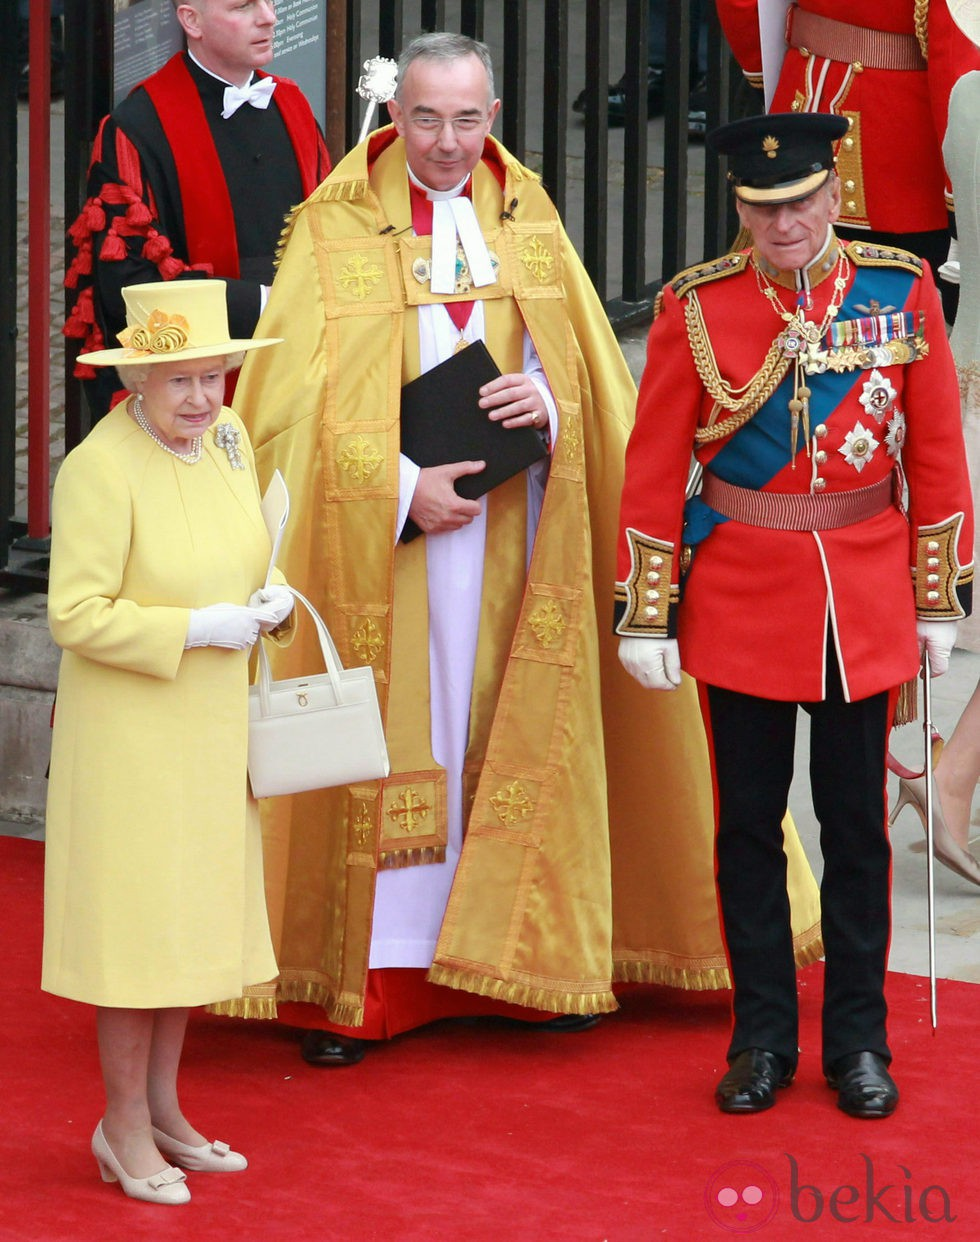 La Reina Isabel y el Príncipe Felipe de Inglaterra en la boda de los Duques de Cambridge